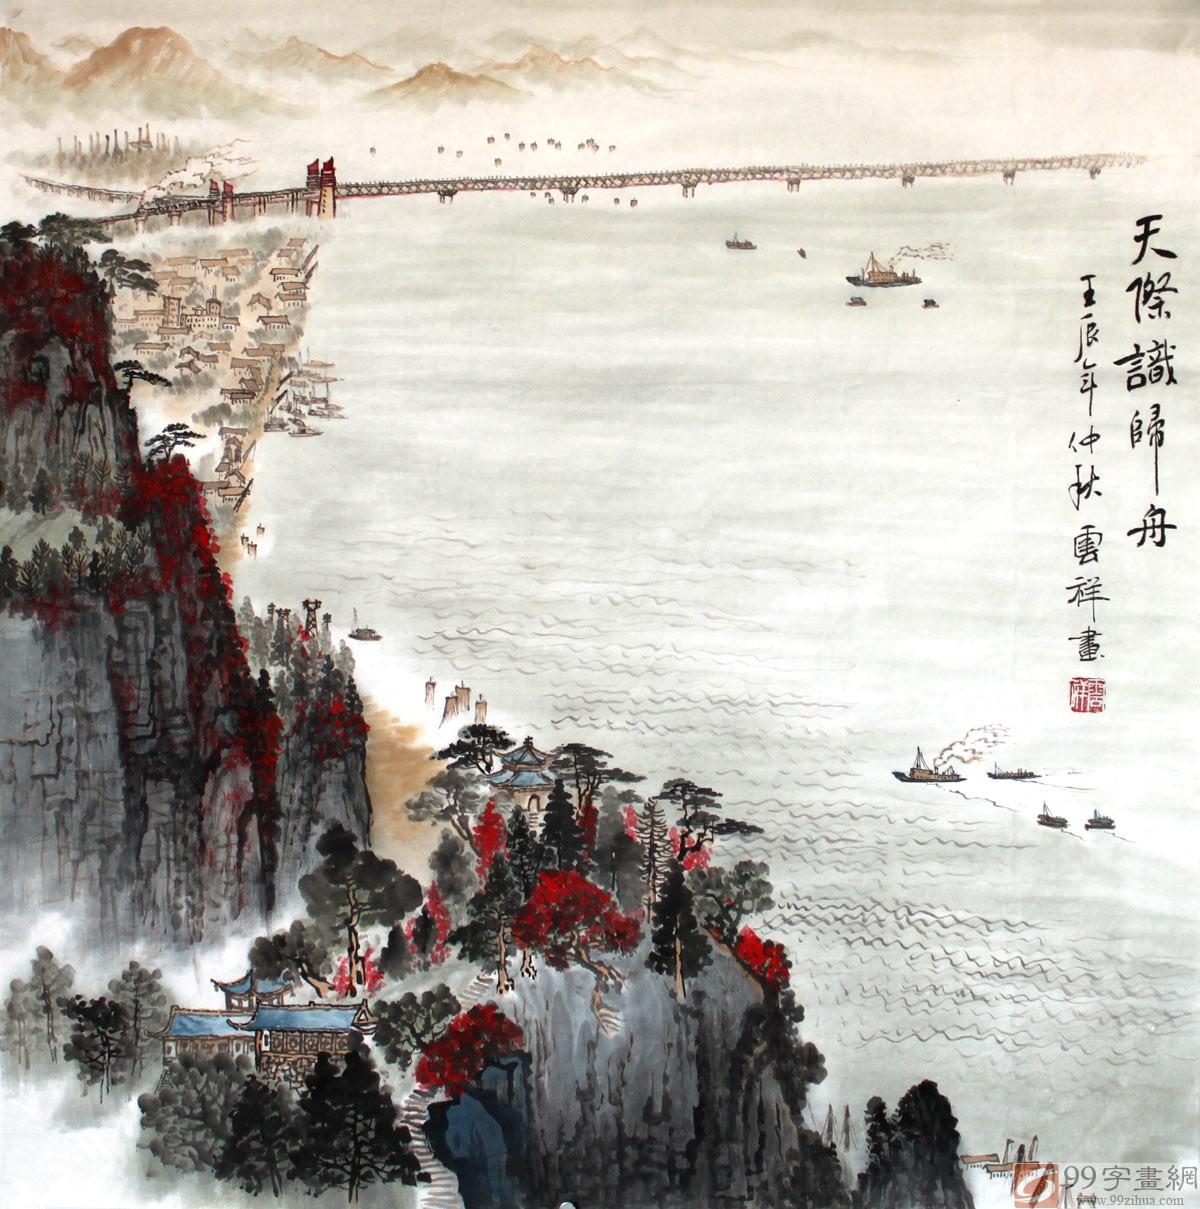 国画家亚明、魏紫熙二先生.擅长中国山水画.现为无锡市美术